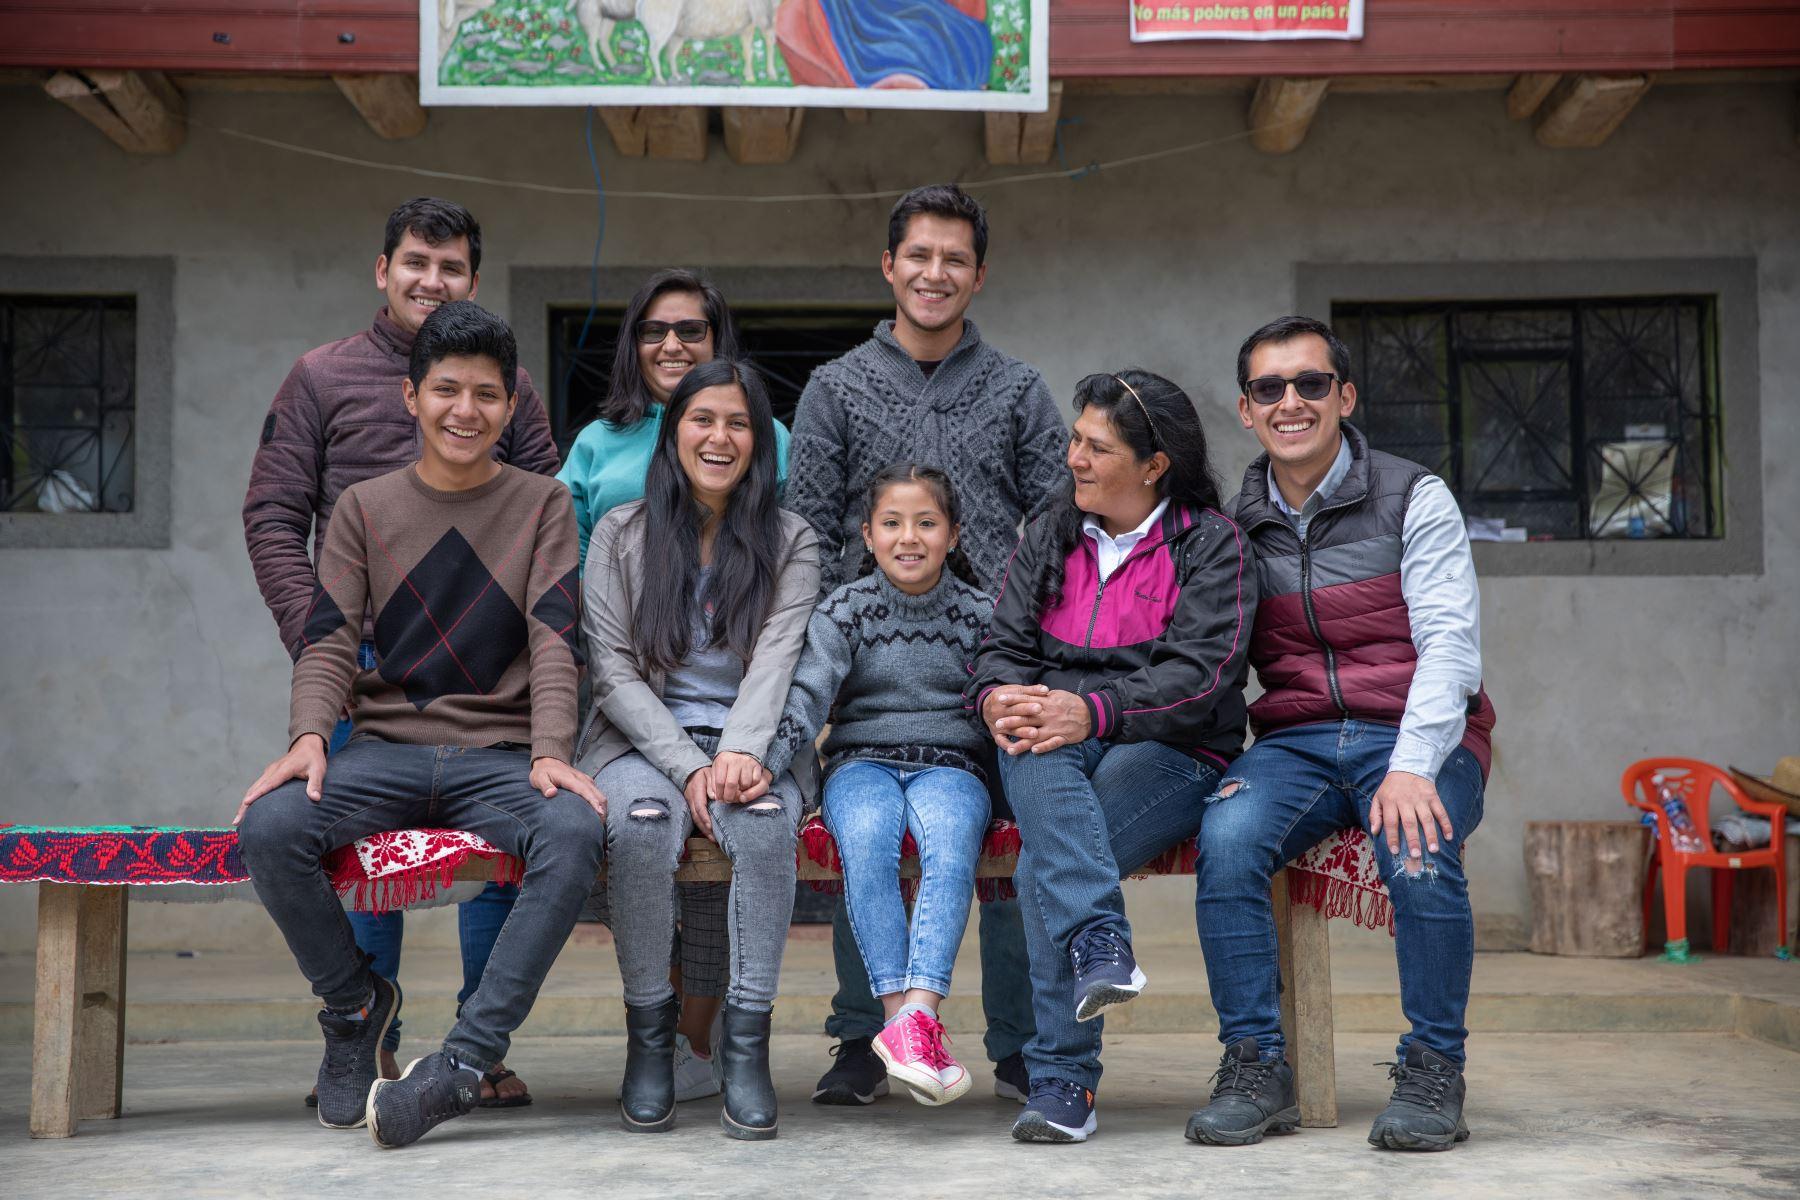 La pareja vive con sus tres hijos. Paredes indicó que la mayor, quien trabaja como administradora de empresas, fue adoptada por ella tras quedarse huérfana. Foto: ANDINA/ Andrés Valle